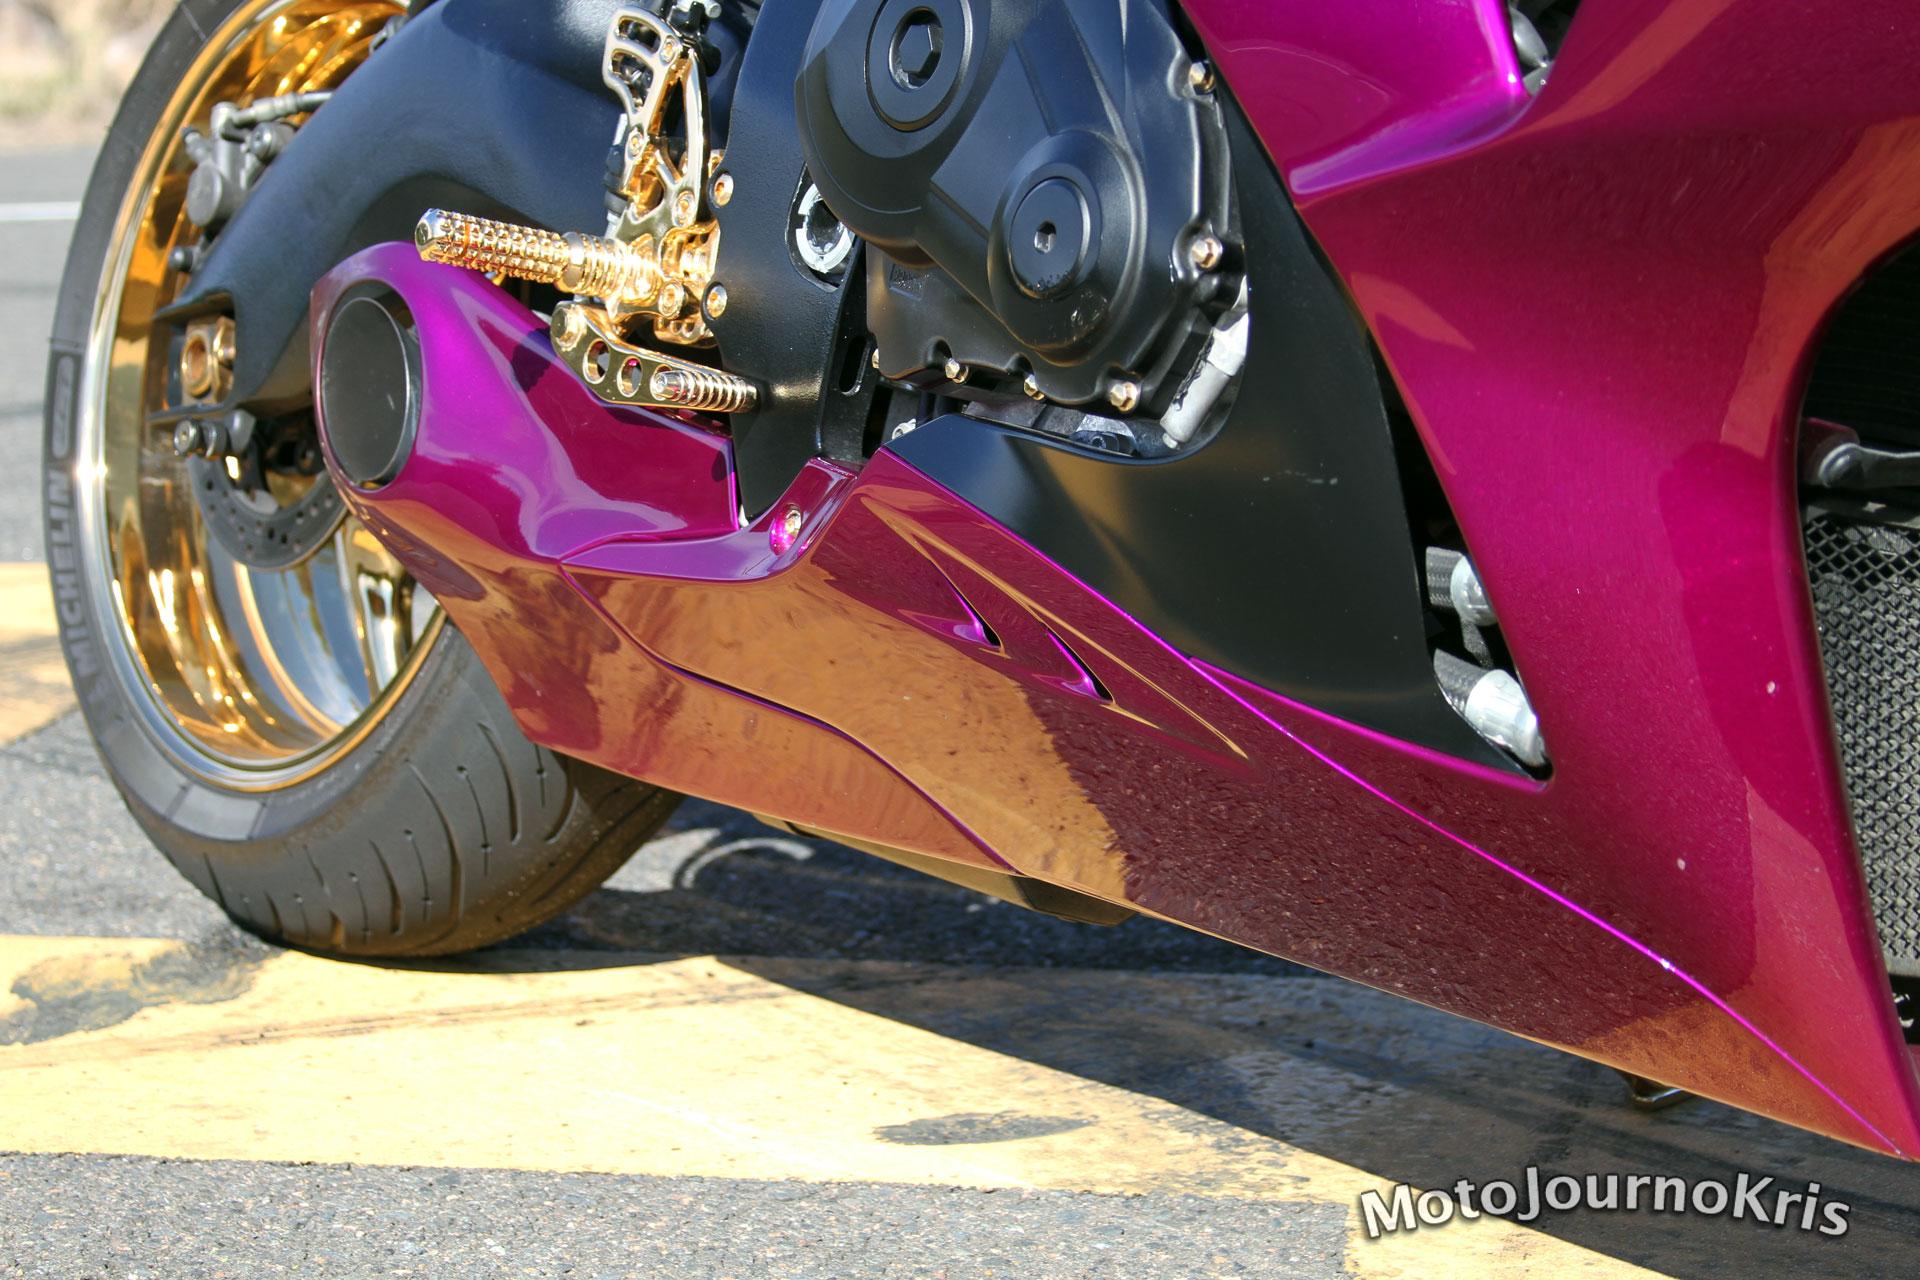 Custom Suzuki GSX-R1000 - Taylormade Exhaust - Purple